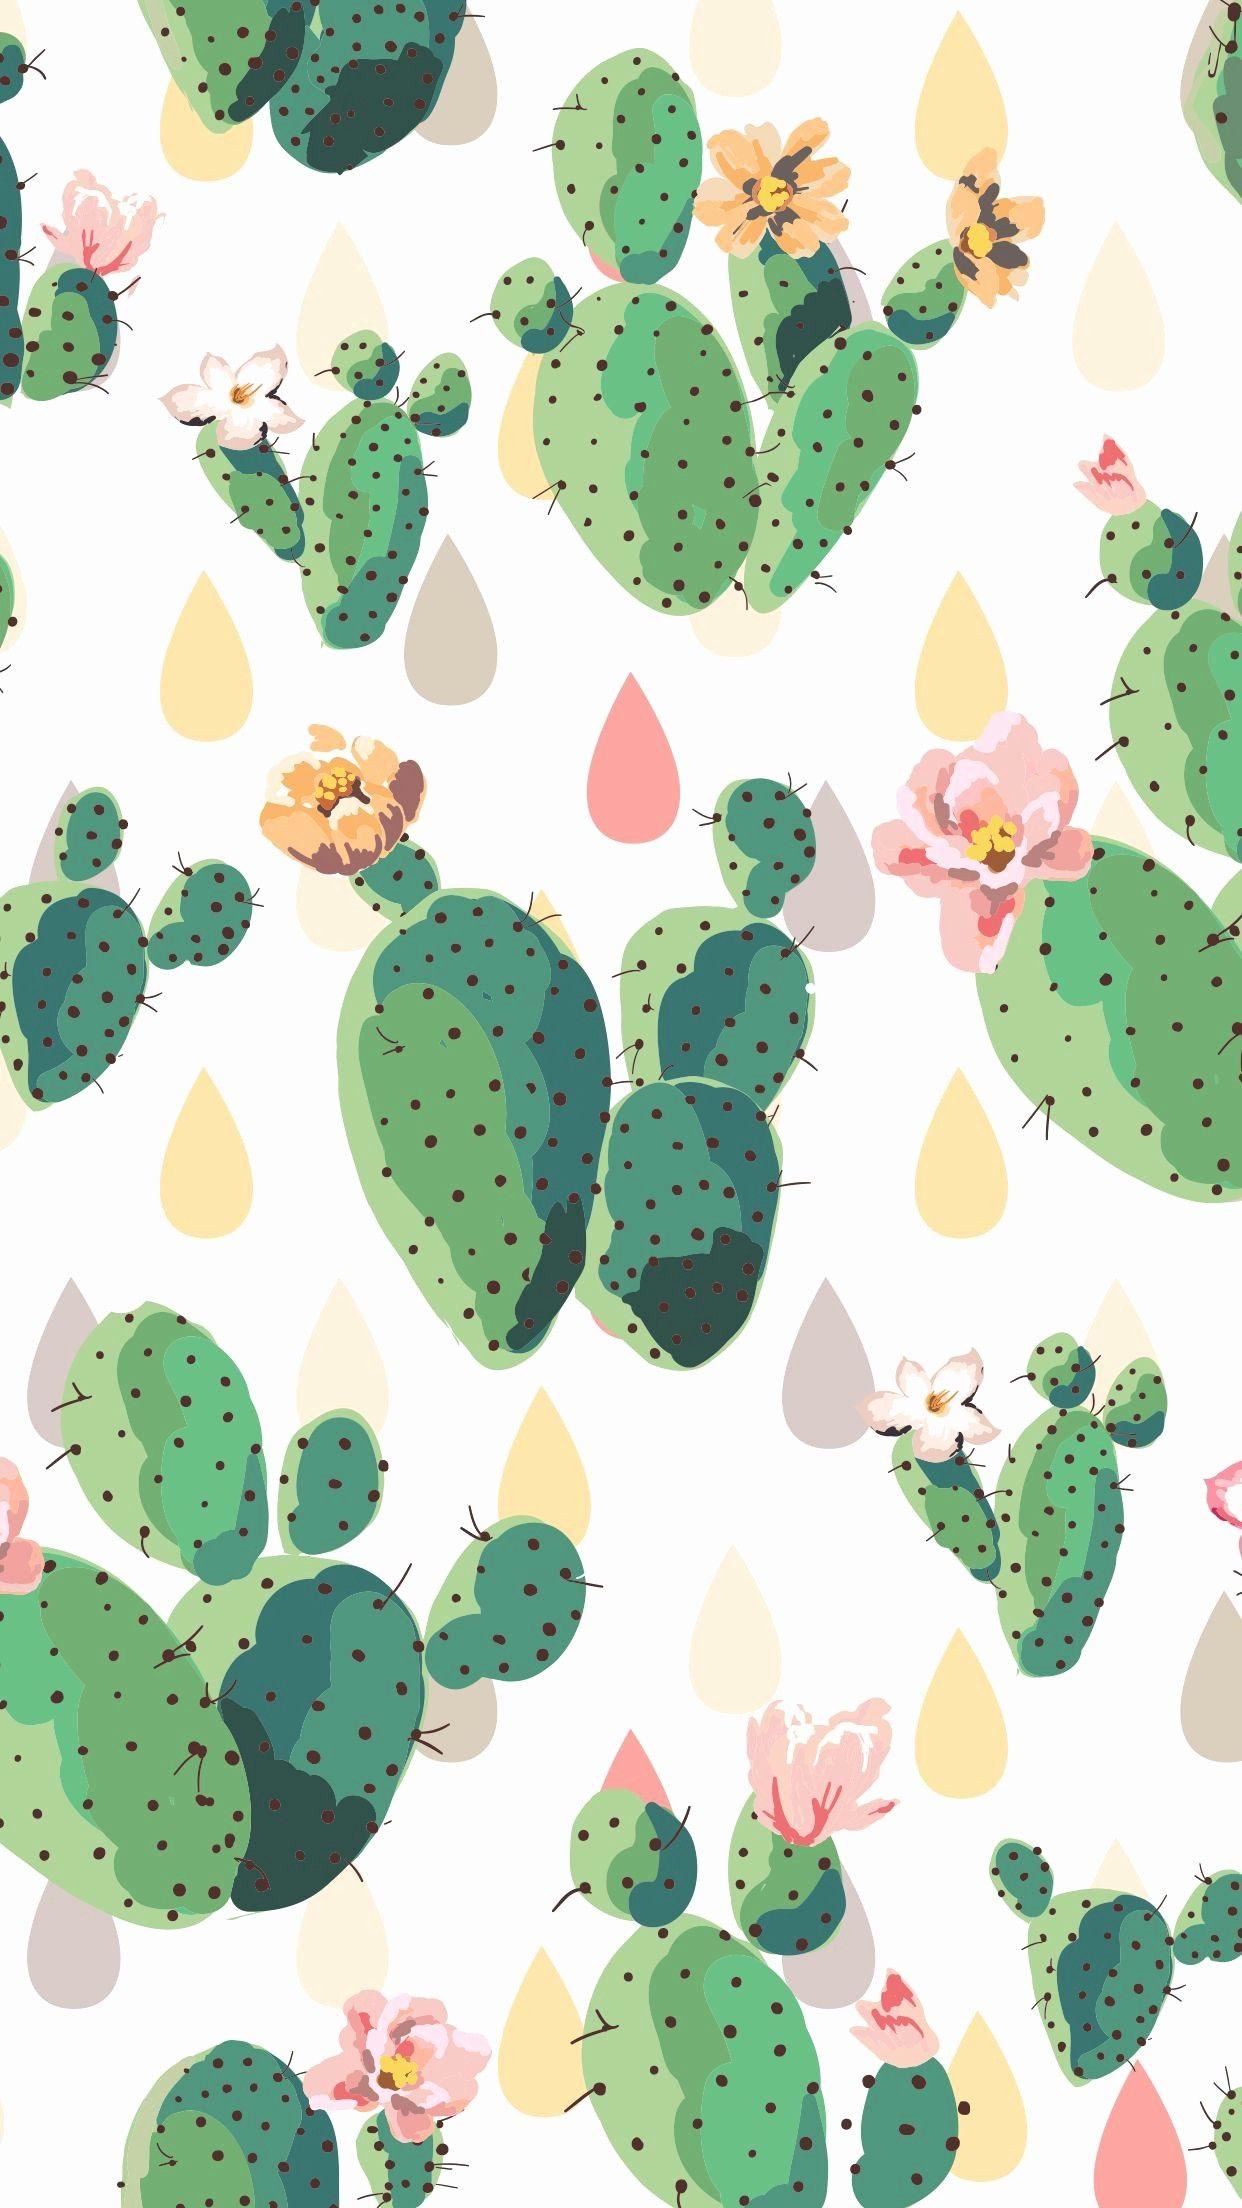 Elegant Cute Cactus Wallpaper Screen Savers Wallpapers Iphone Screen Savers Cute Screen Savers